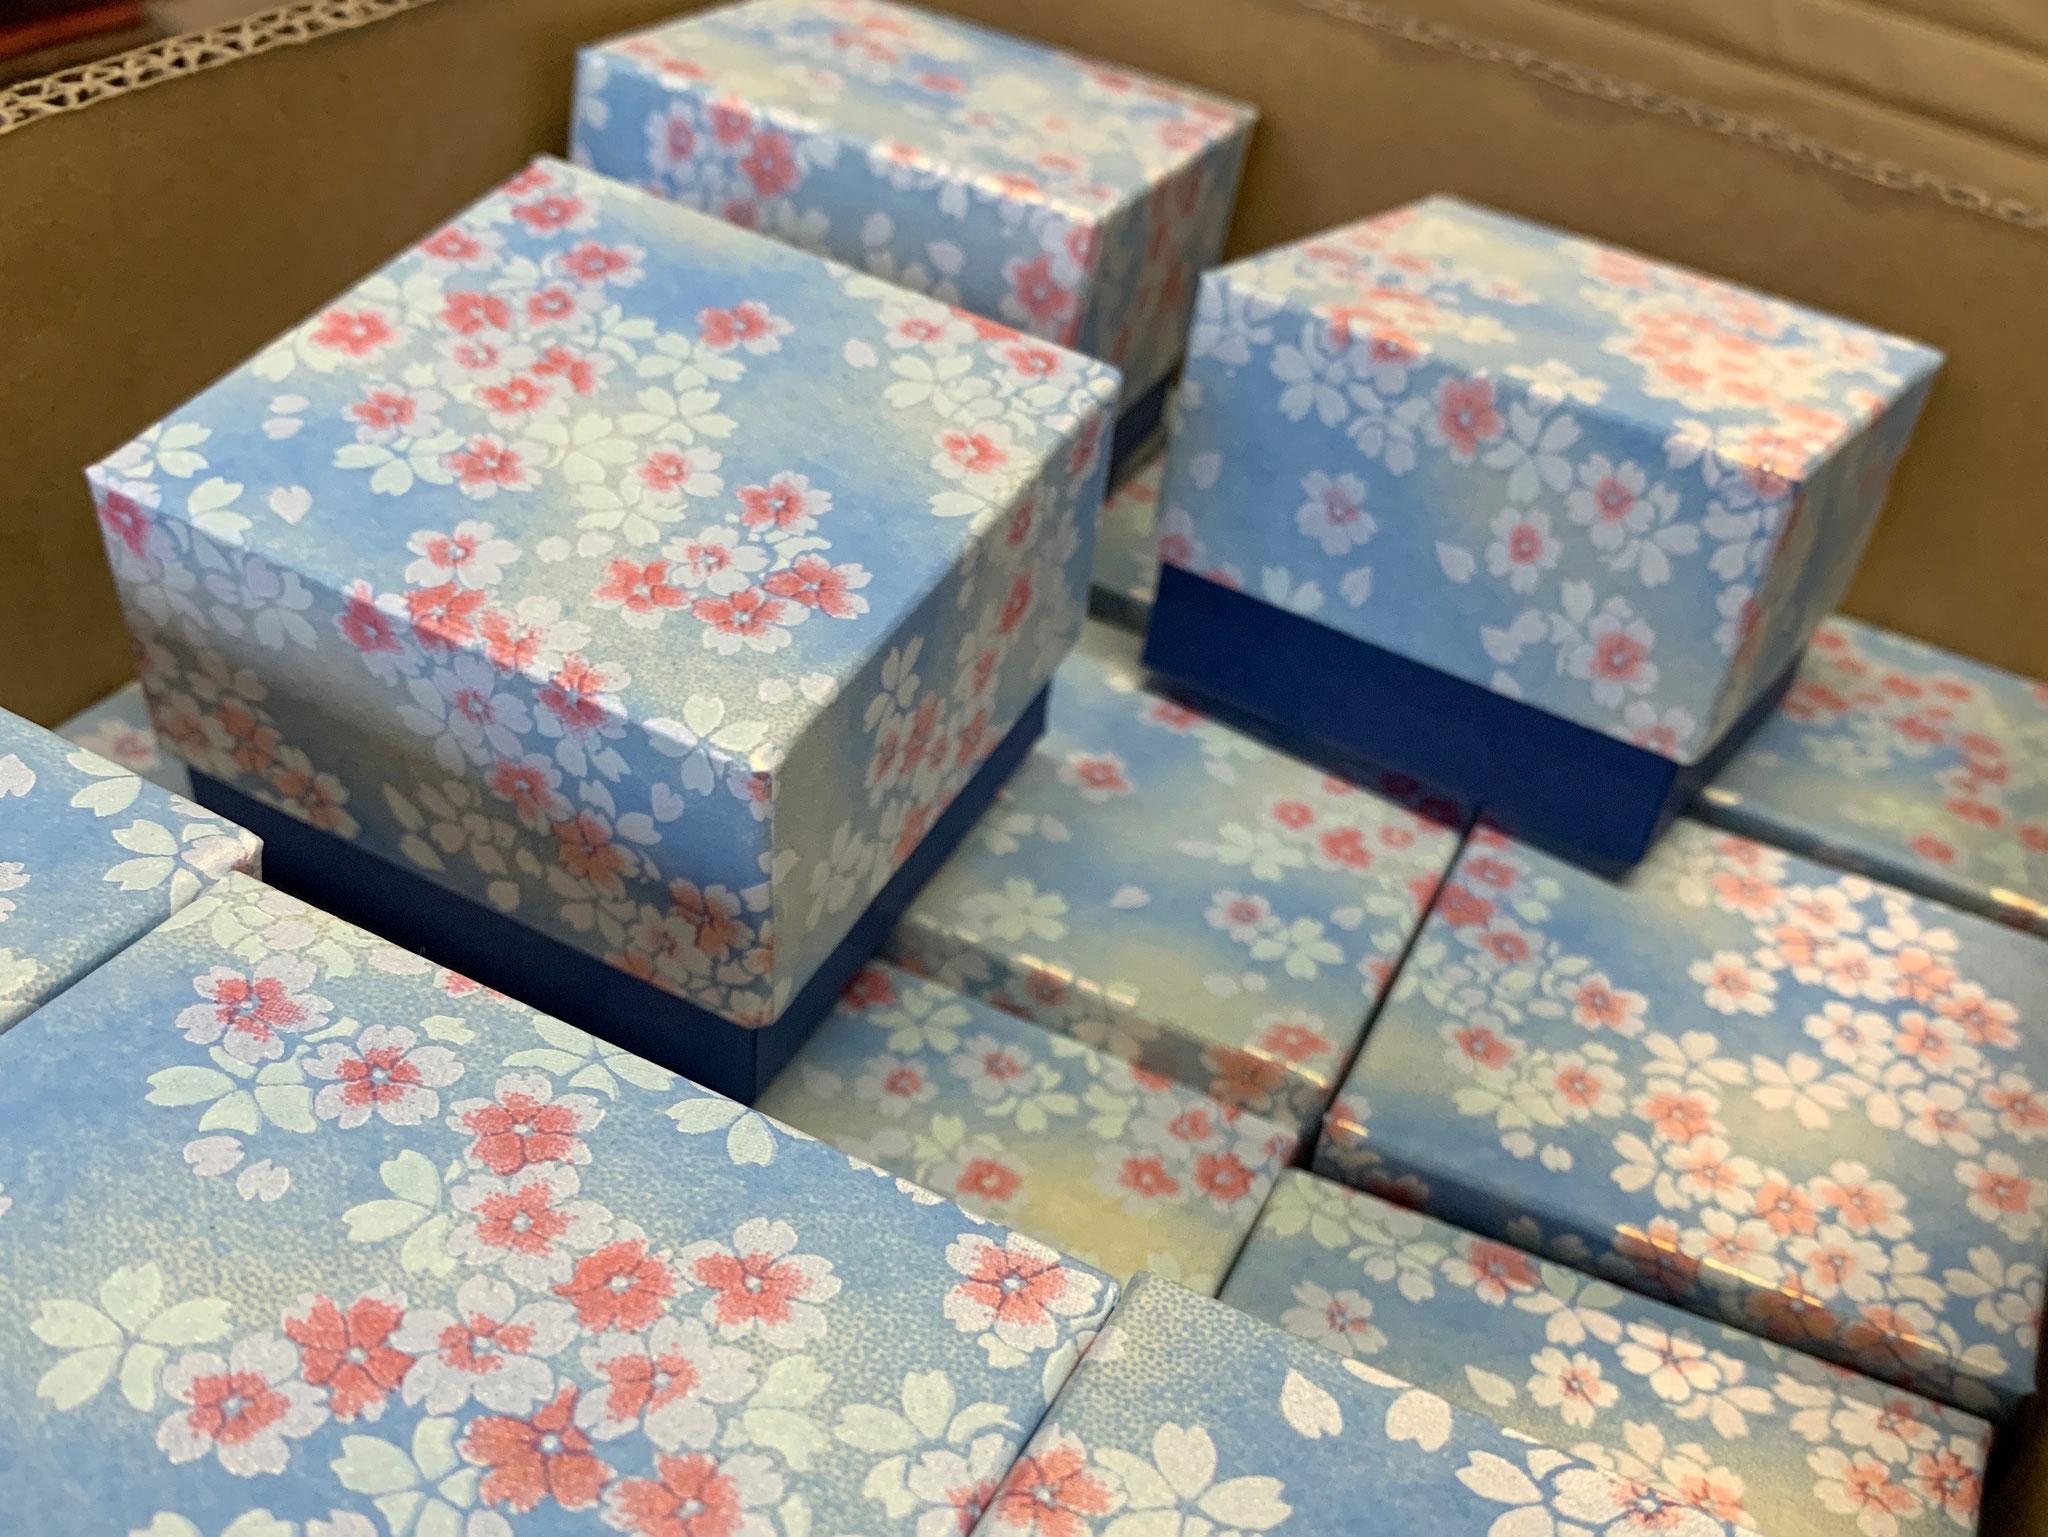 千代紙と鳥の子紙を使って別注で作製した貼箱はスイスへ向けて発送しました